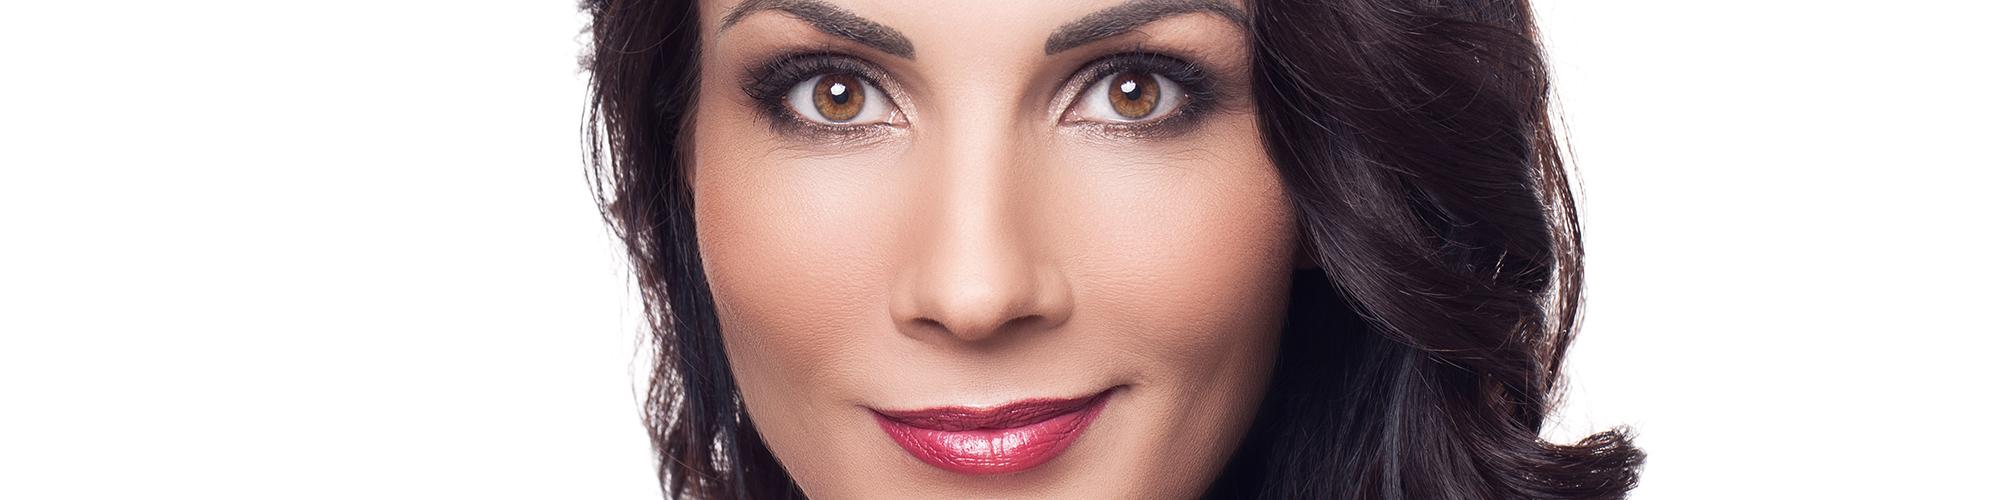 womans-face-073016-2